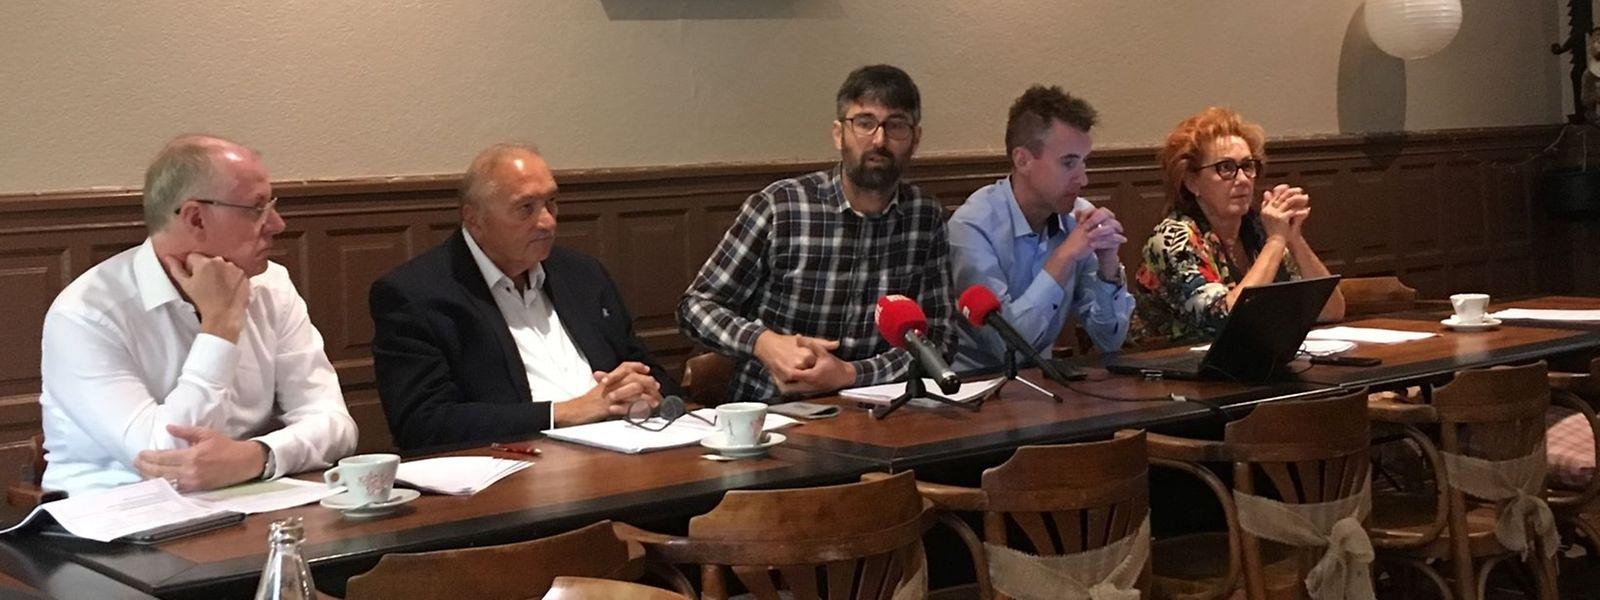 Vertreter von LSAP, Déi Lénk und DP bei der Pressekonferenz.